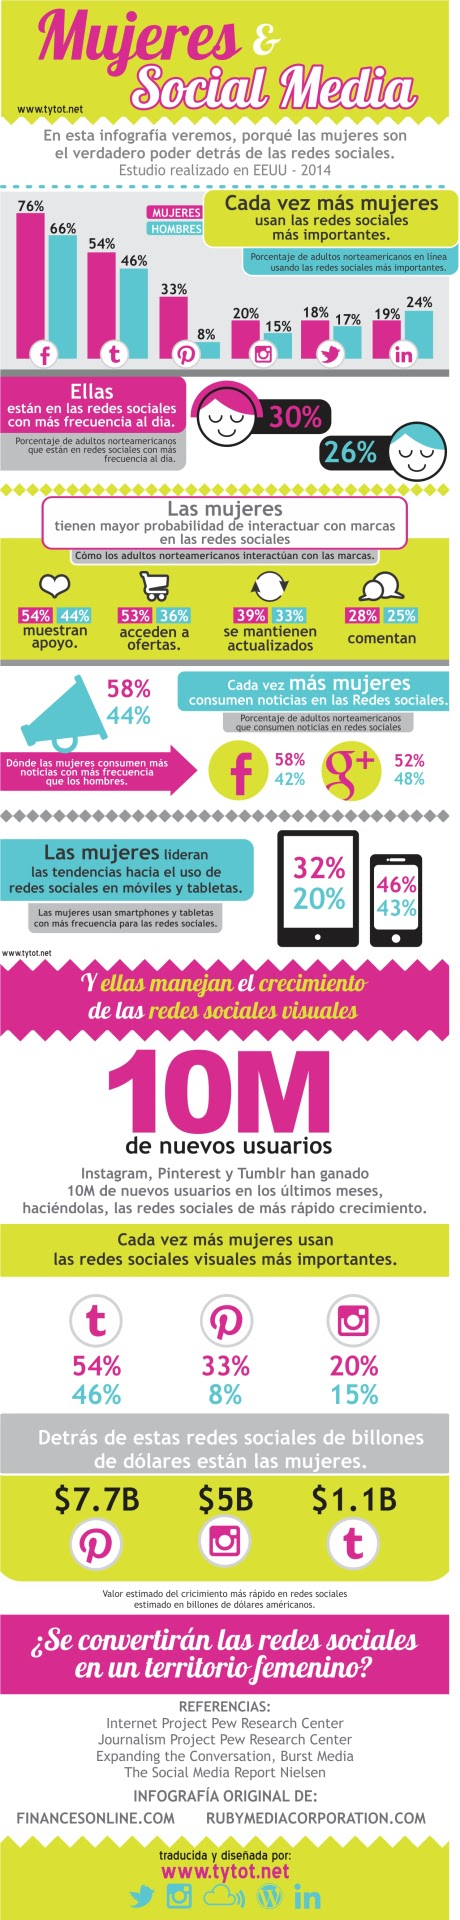 Mujeres & Social Media (Infografía)